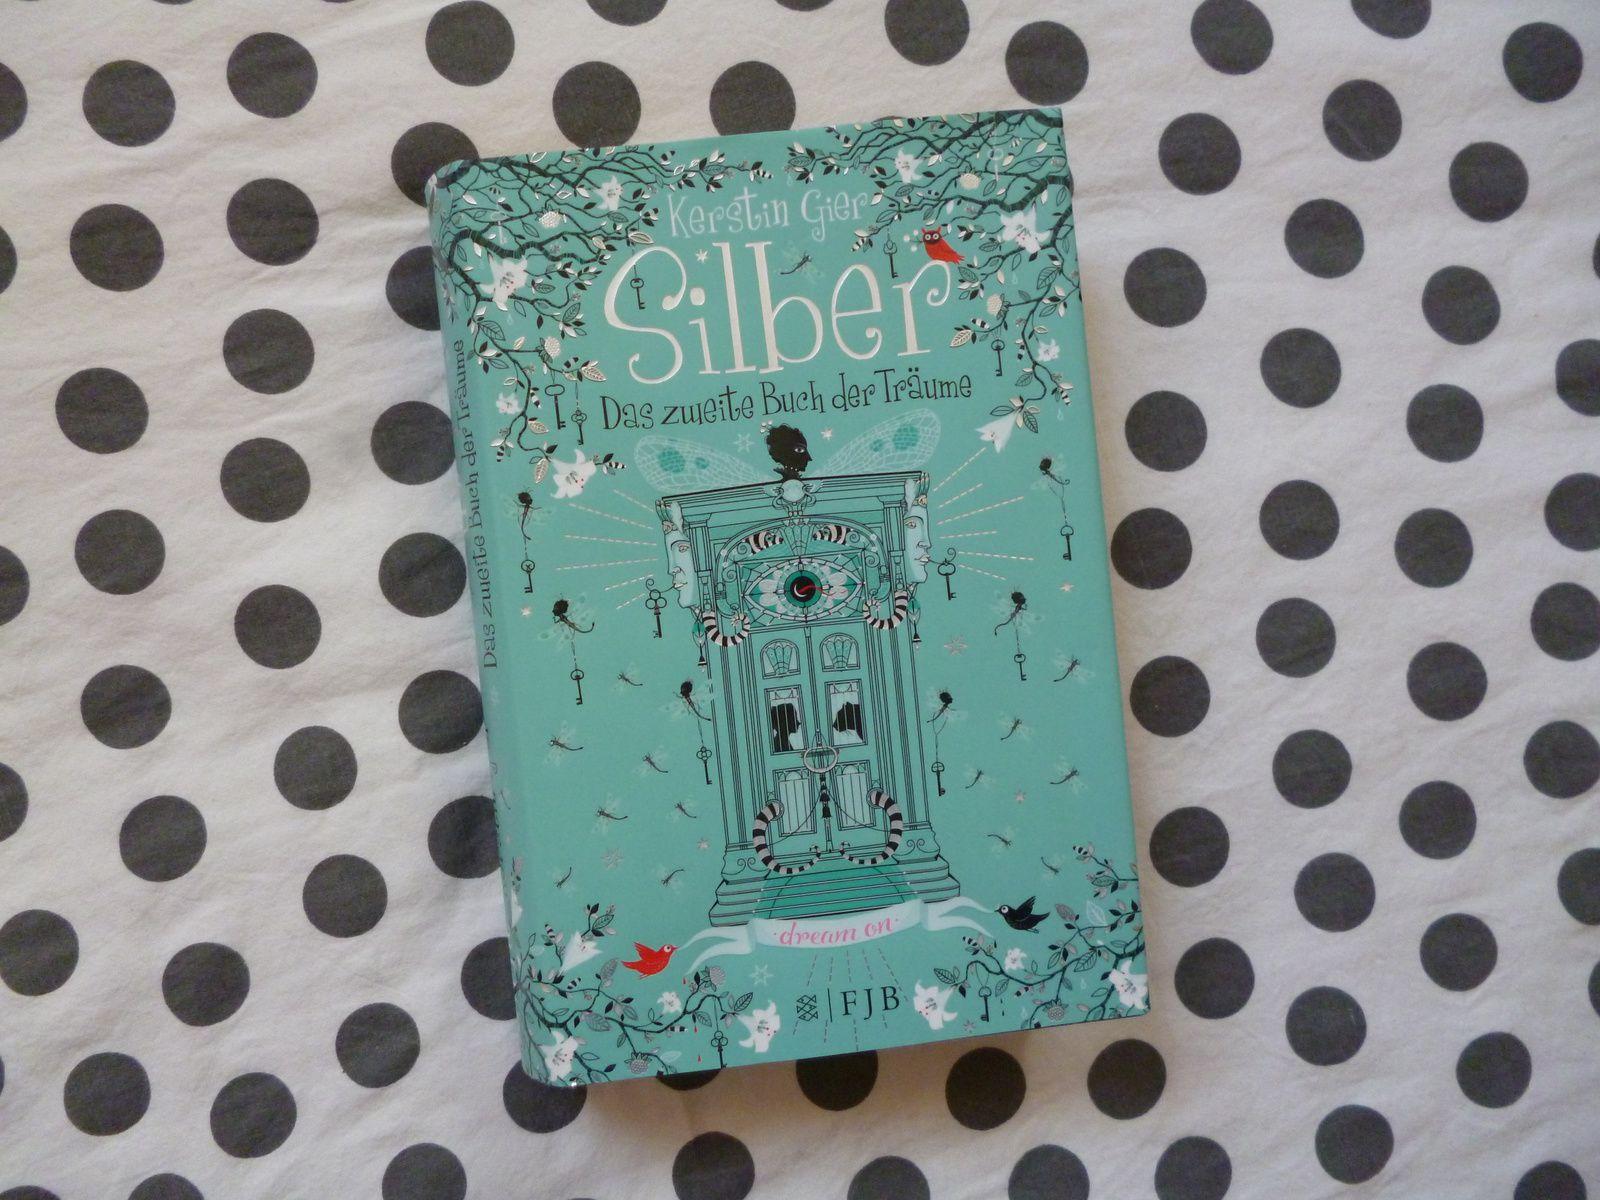 Schöne Buchcover und warum es manchmal okay ist ein Buch nach dem Cover zu beurteilen